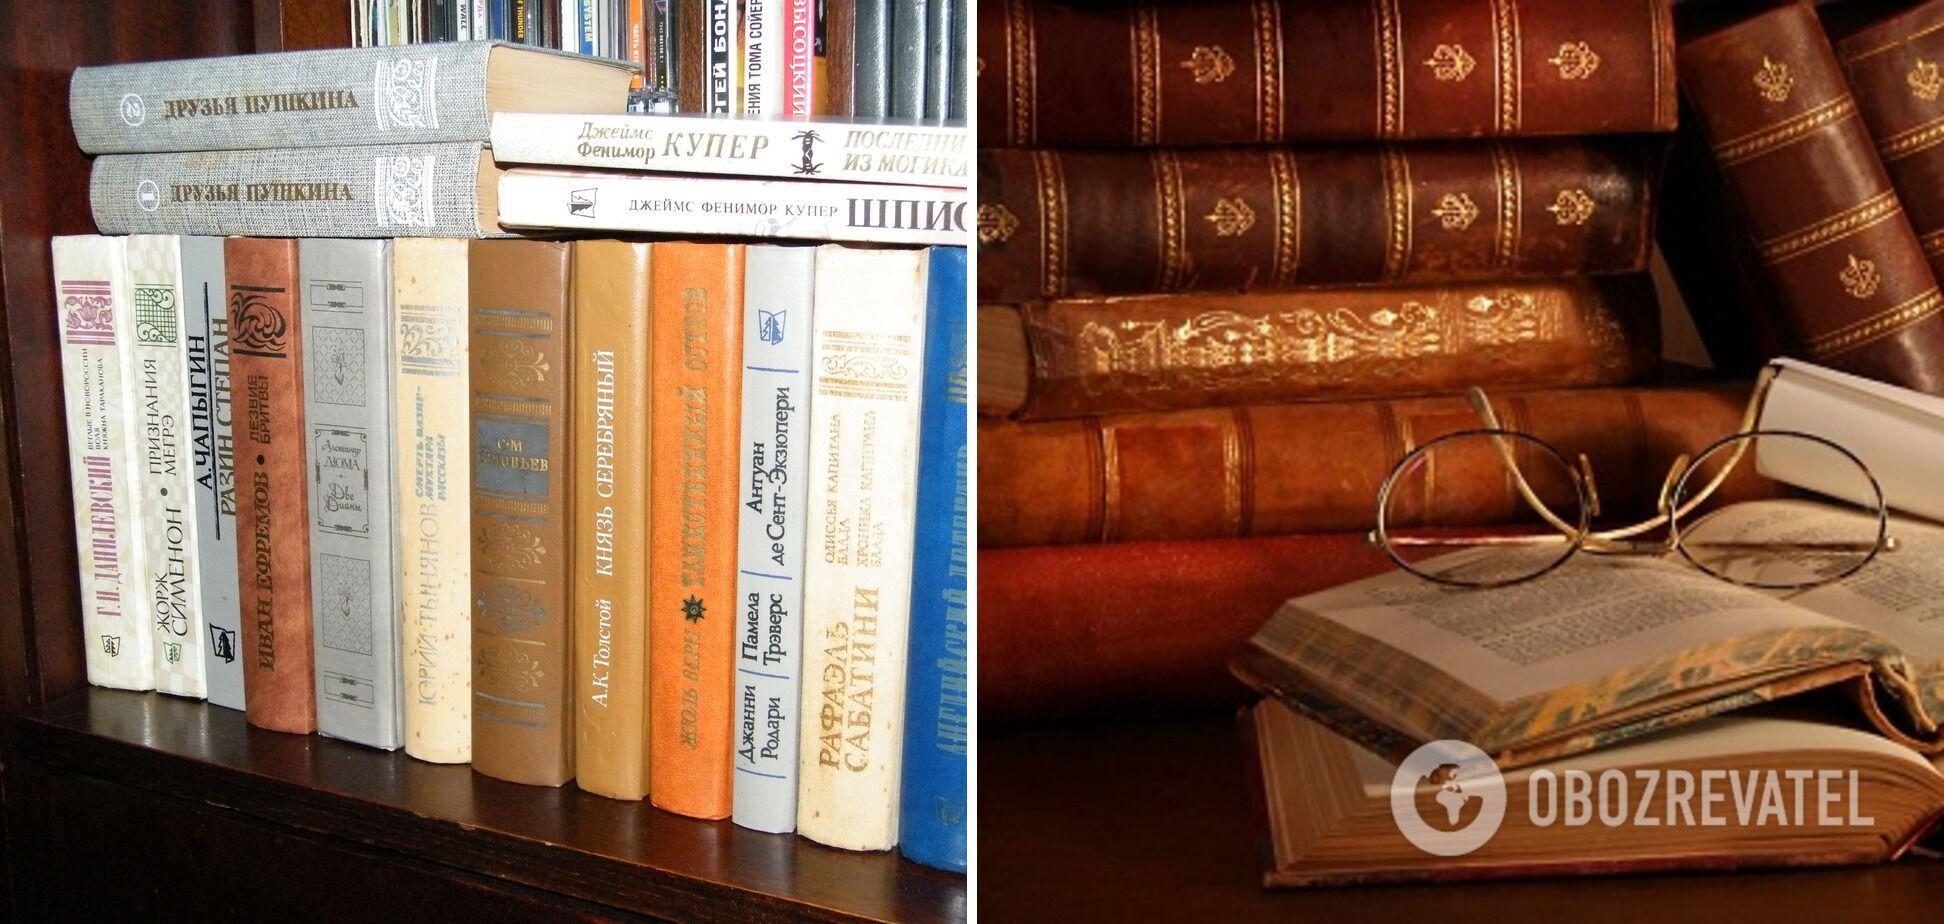 Первые издания книг дорого стоят.